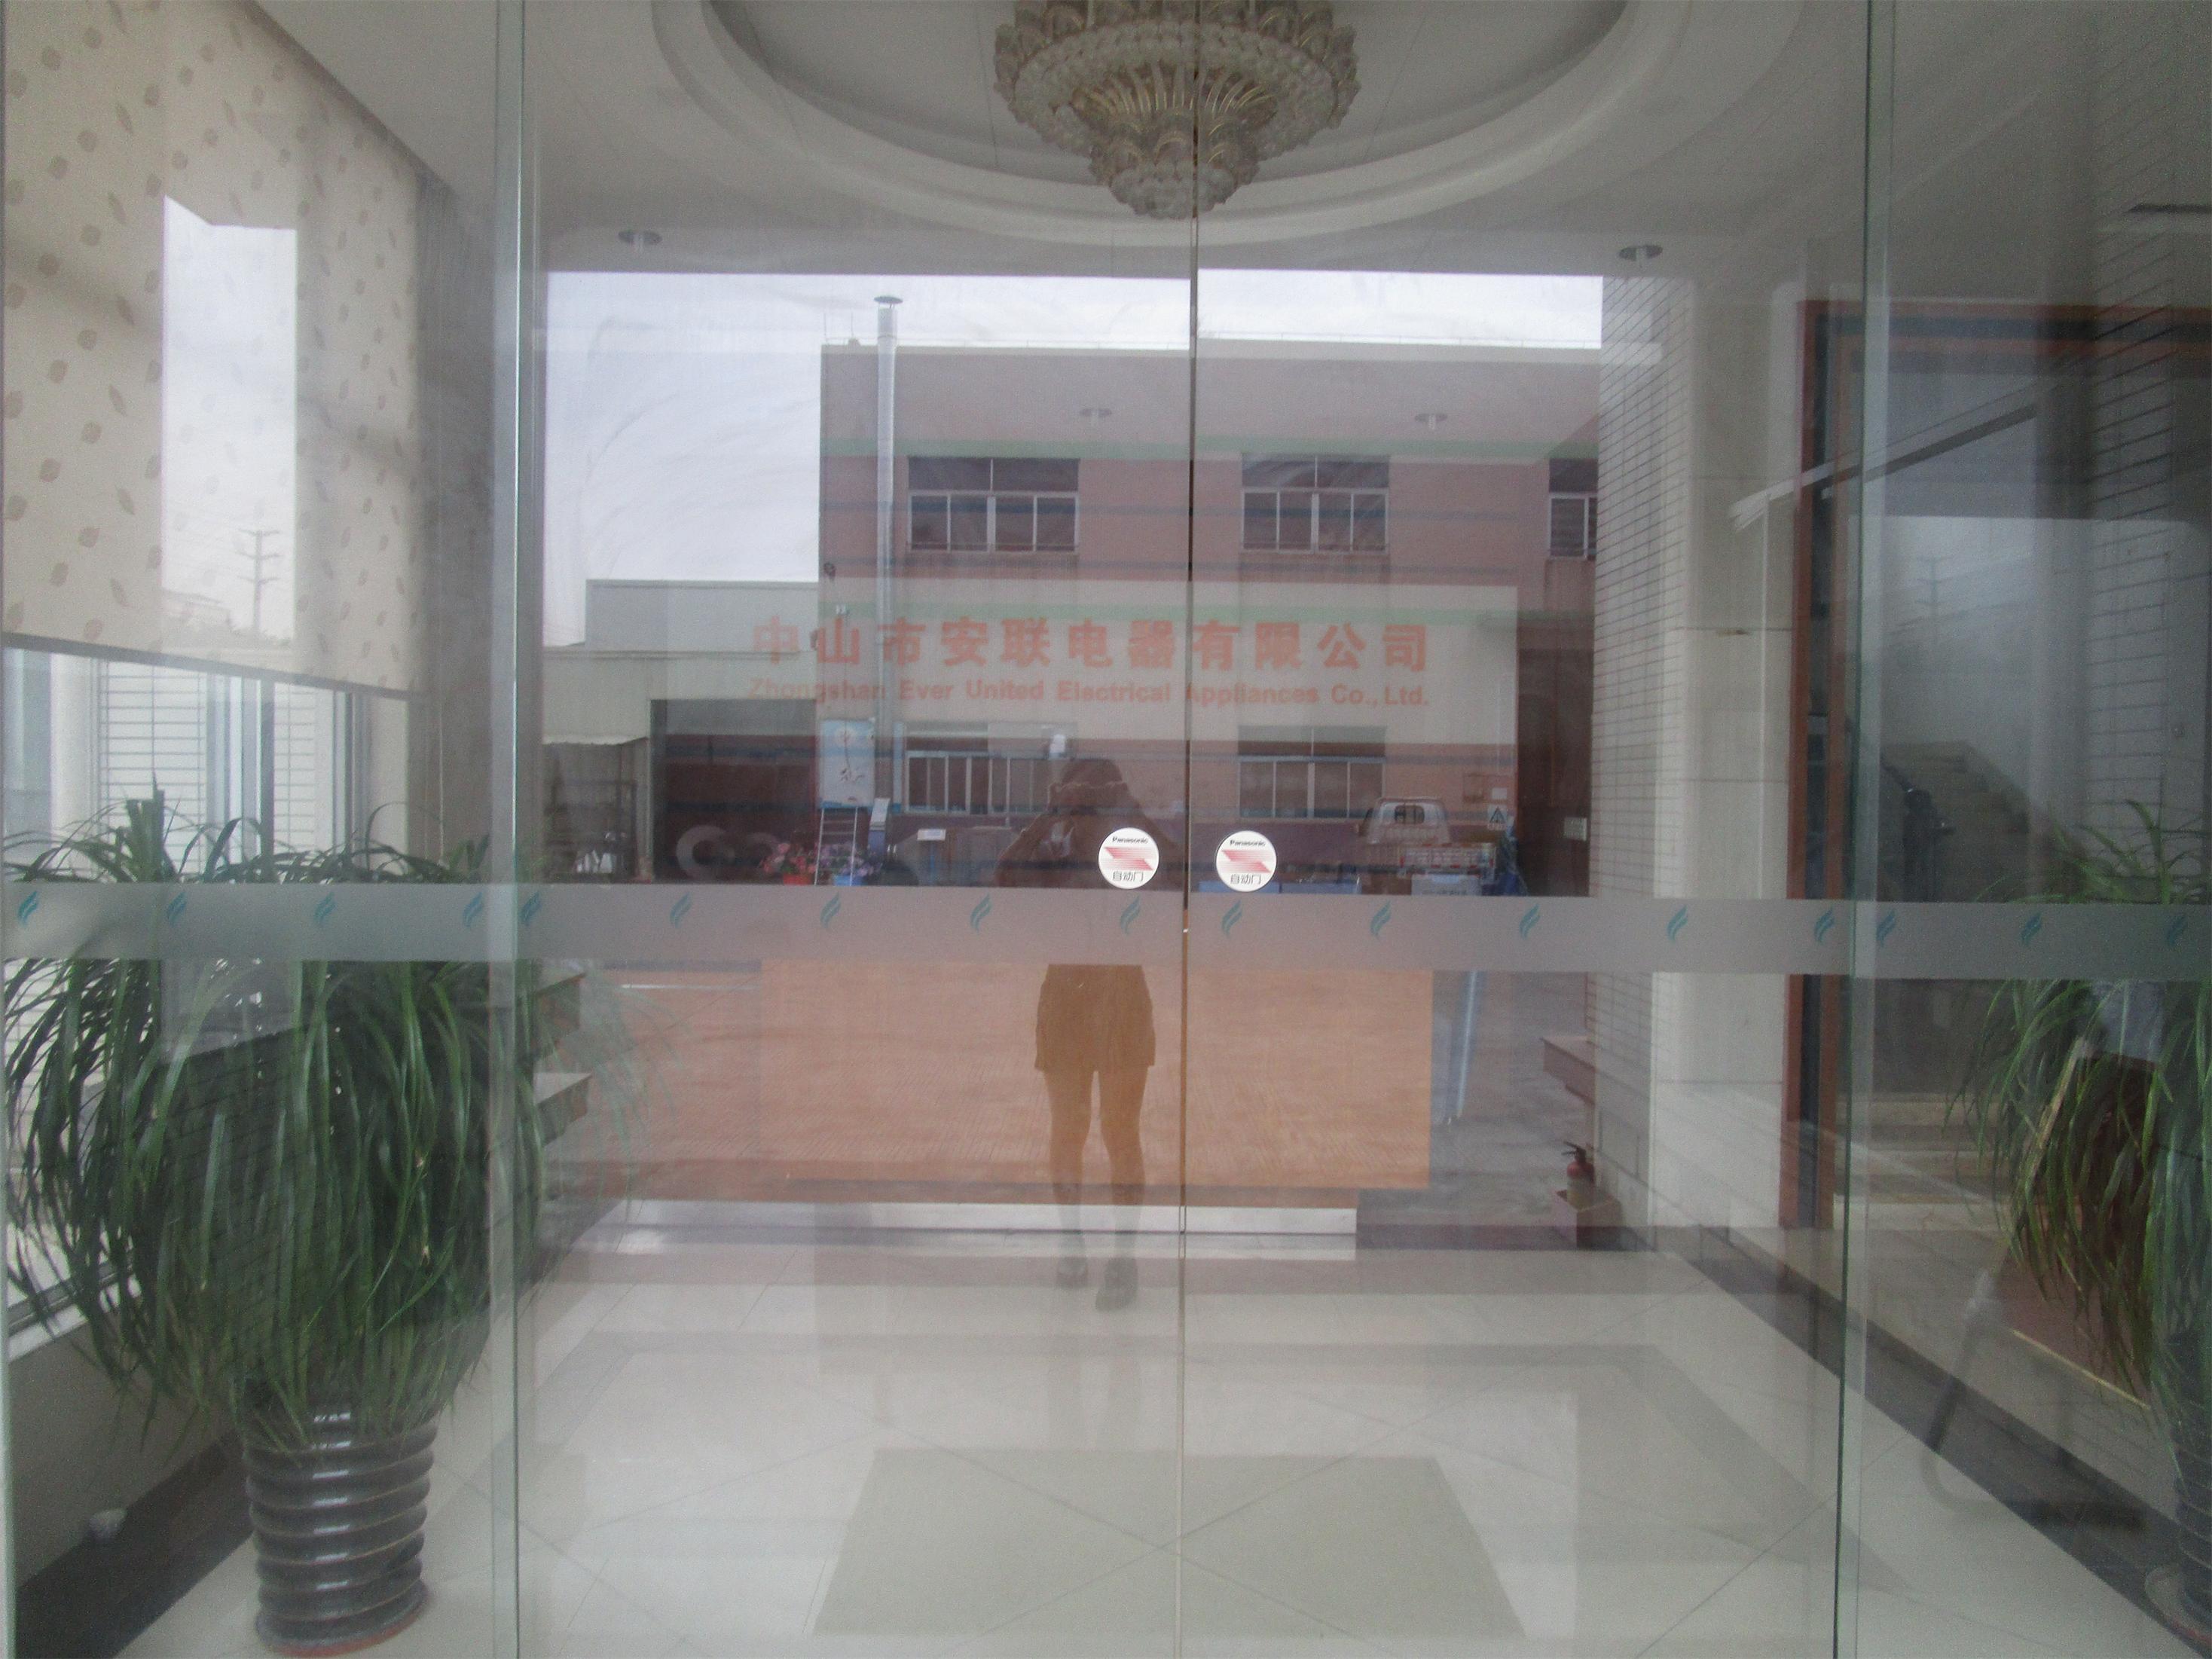 中山市安联电器有限公司_才通国际人才网_www.f8892.com